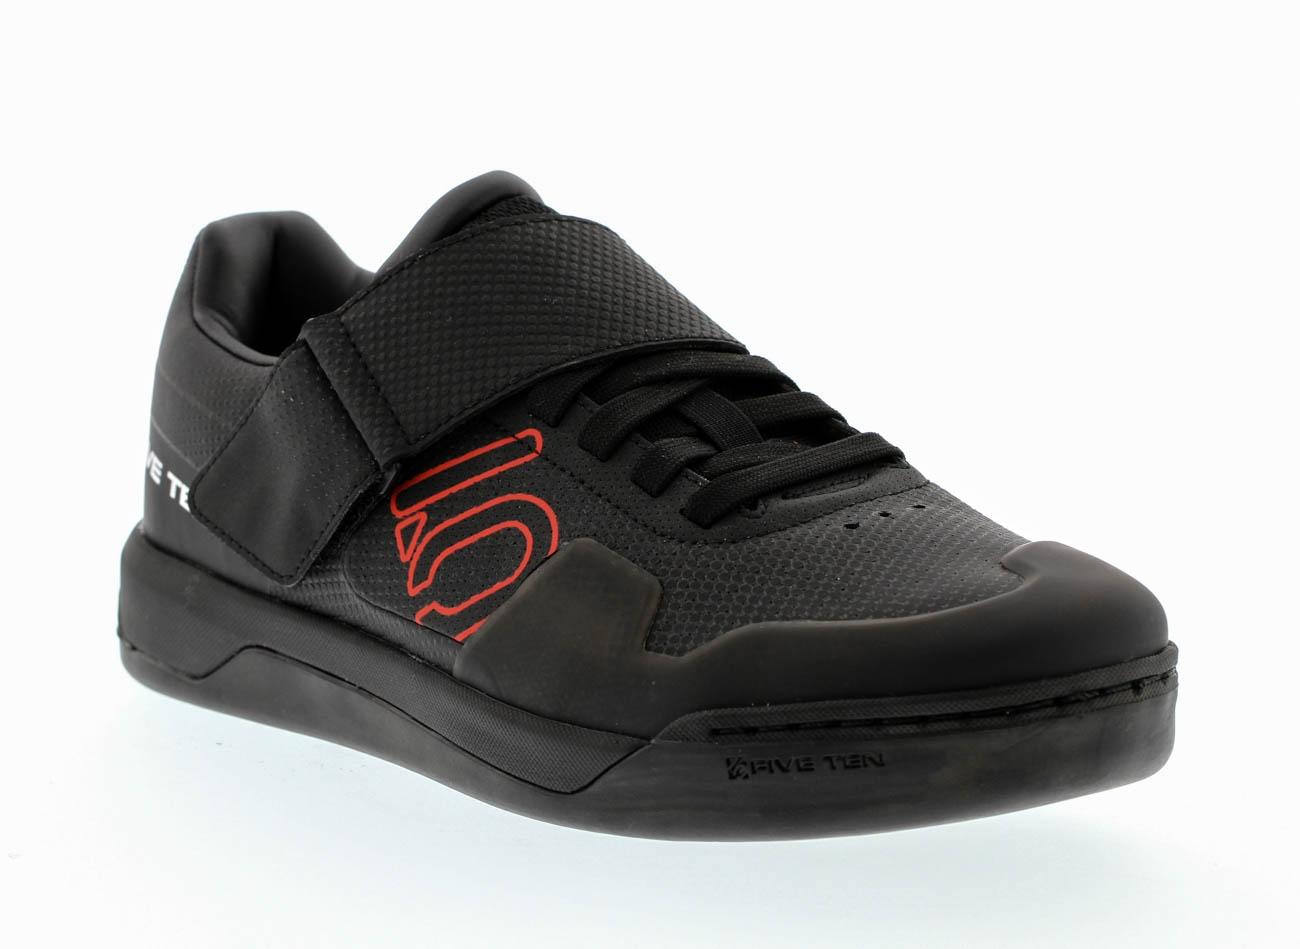 Chaussures Five Ten HELLCAT PRO Noir - UK-9.0 (43.0)